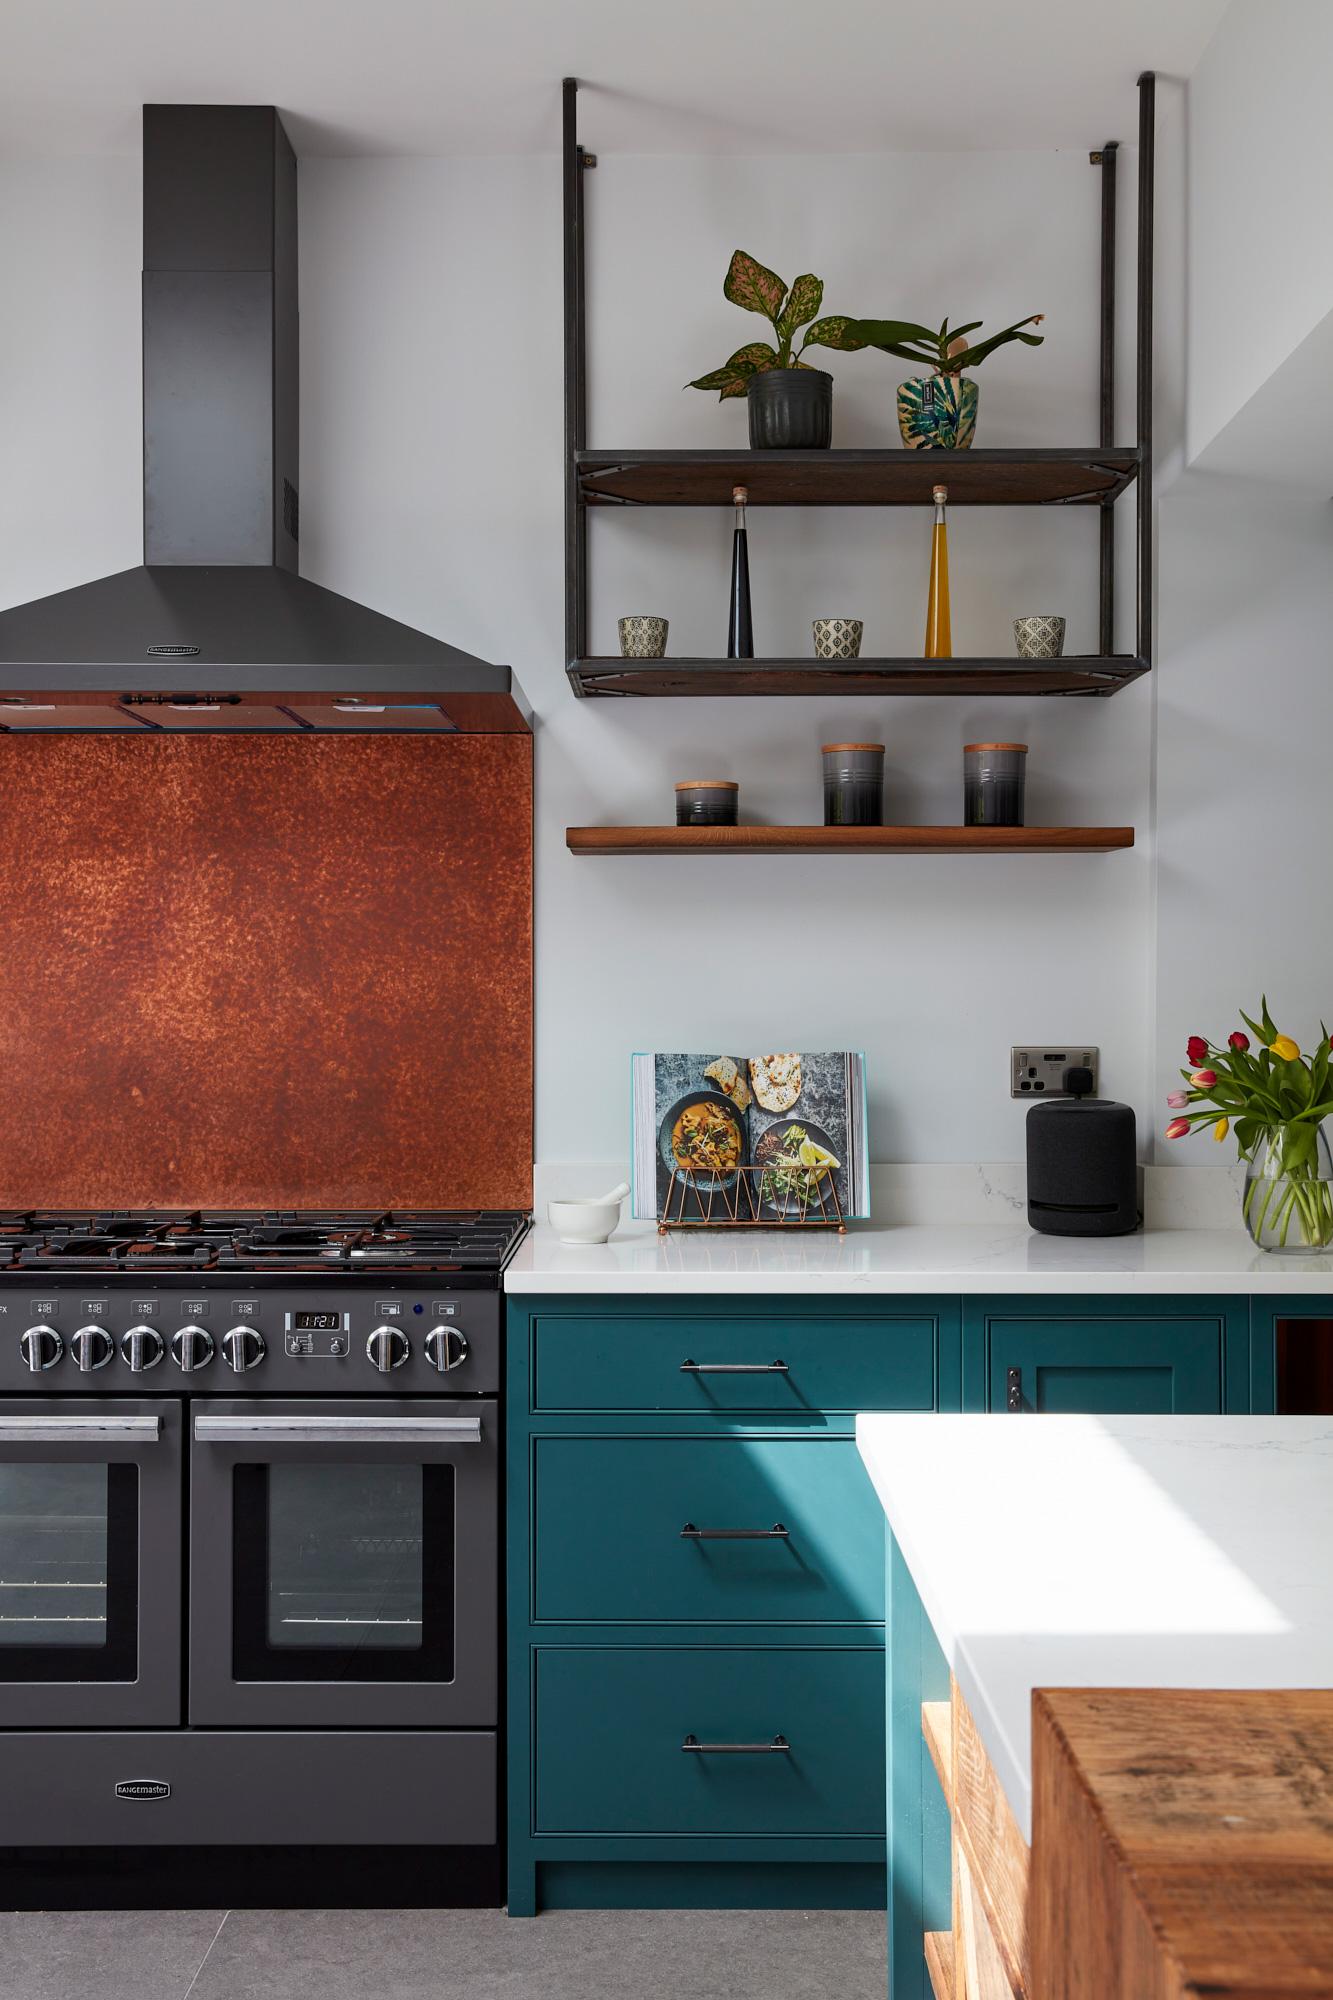 Range cooker in bespoke shaker kitchen